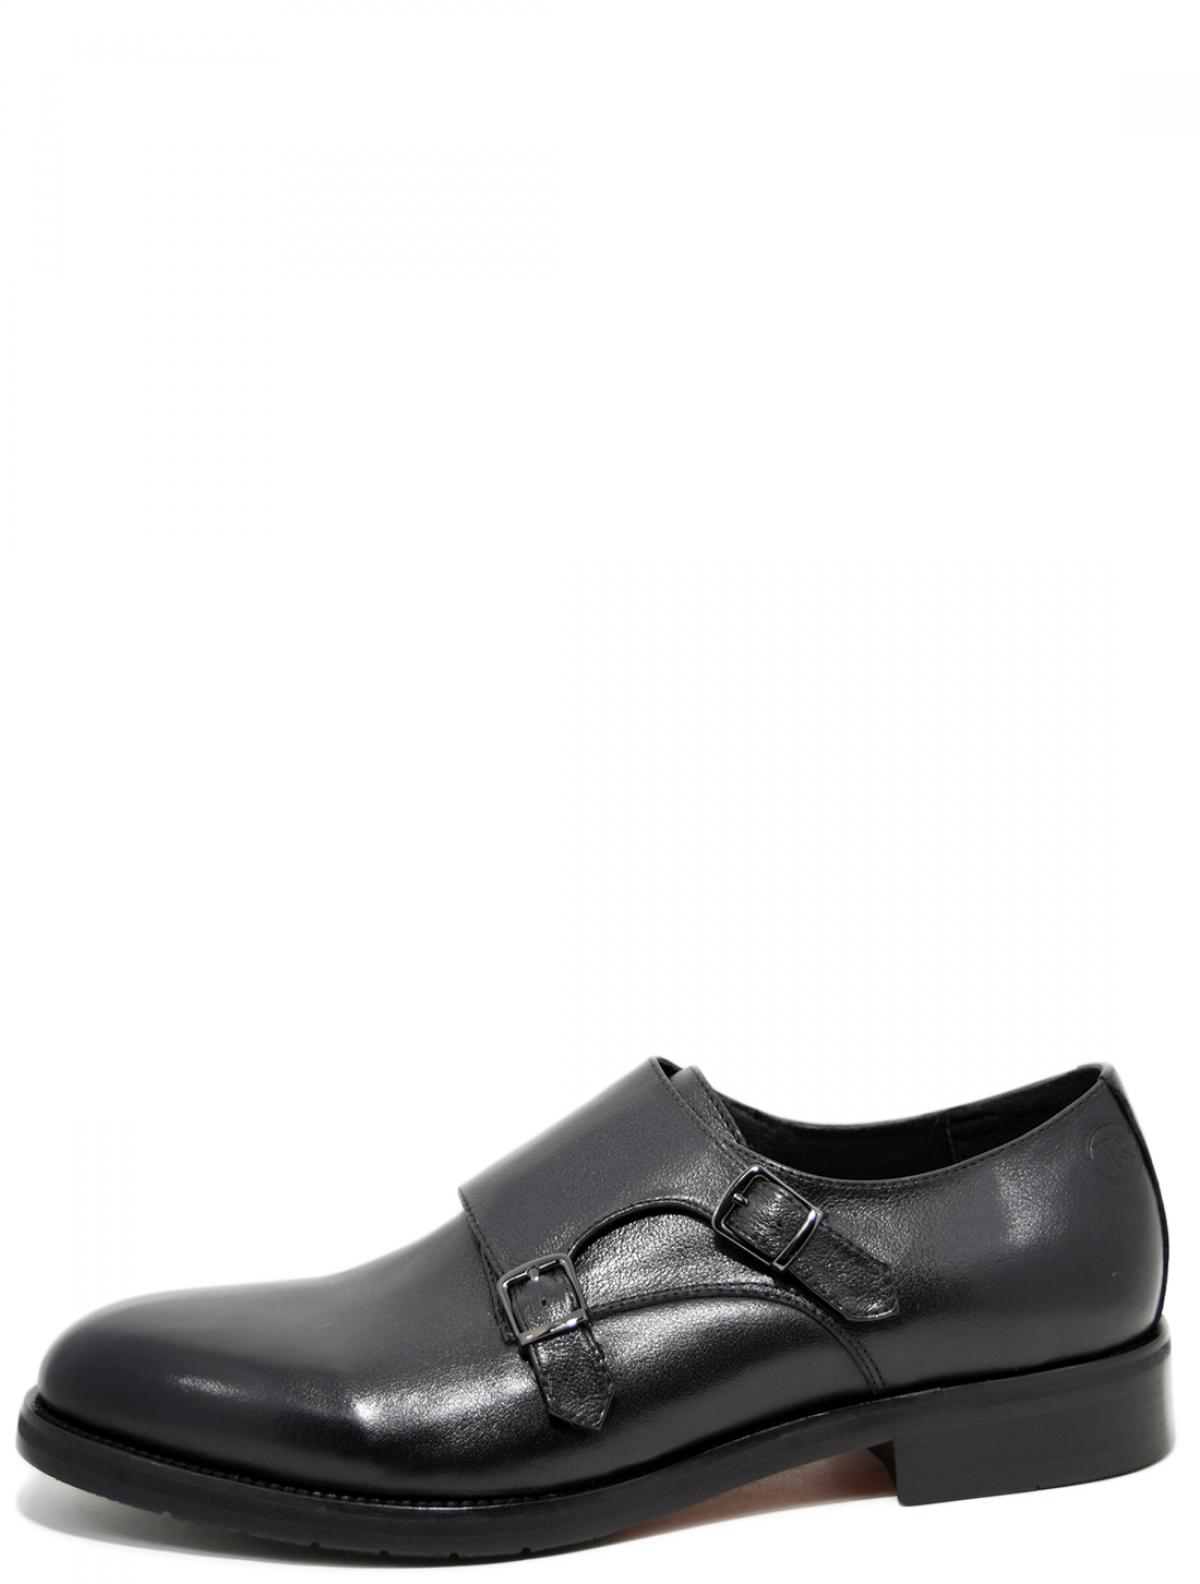 Respect IS83-110924 мужские туфли